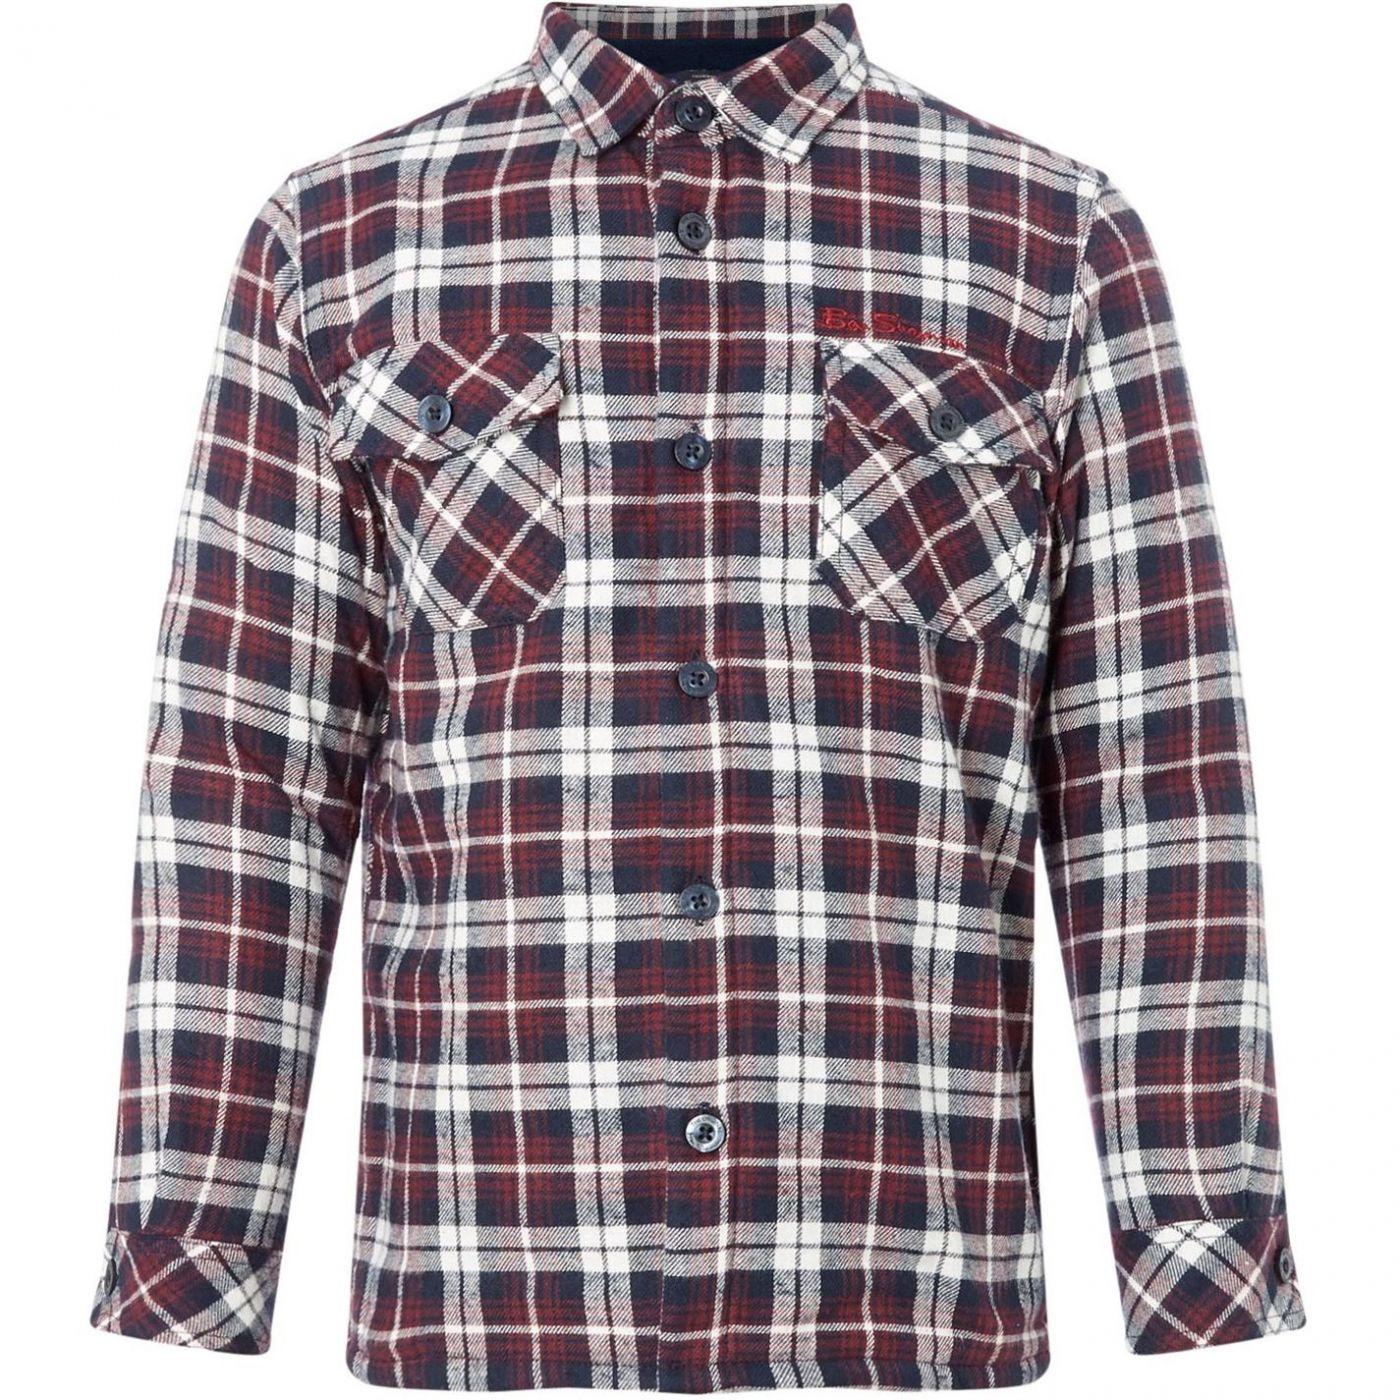 Ben Sherman Brushed Fleece Cotton Check Shirt